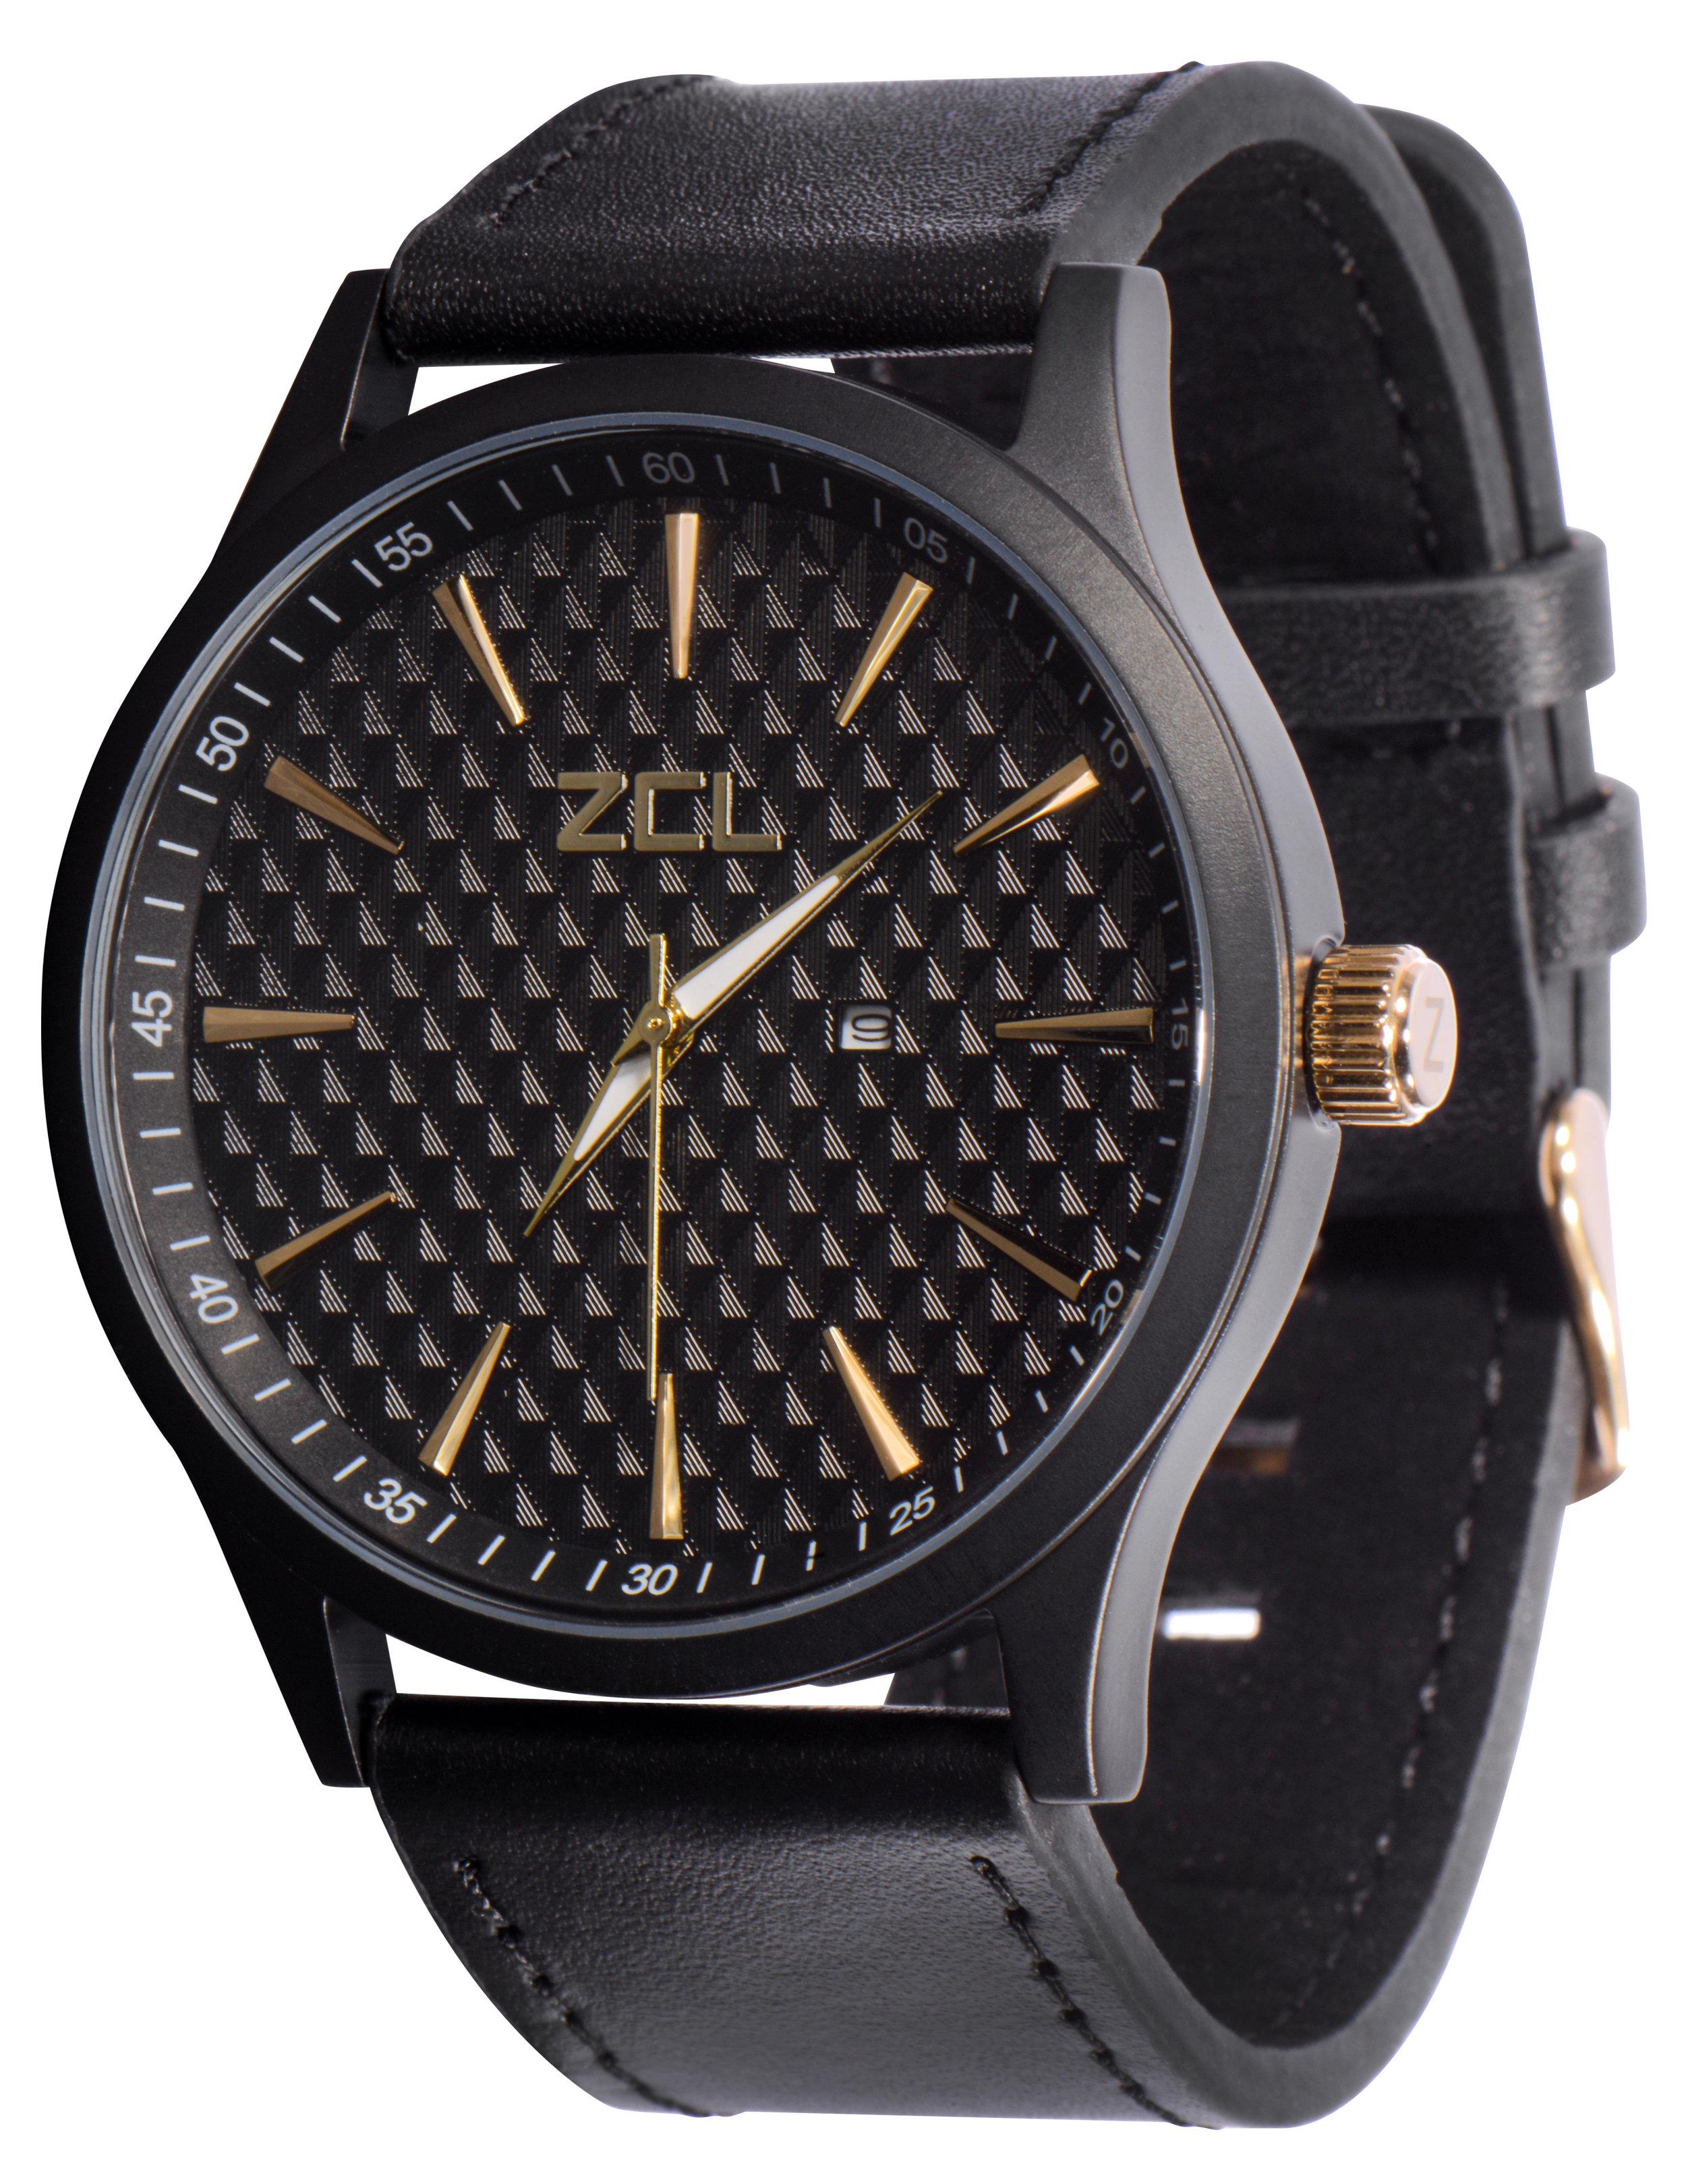 ZCL Watch Gold-1.jpg